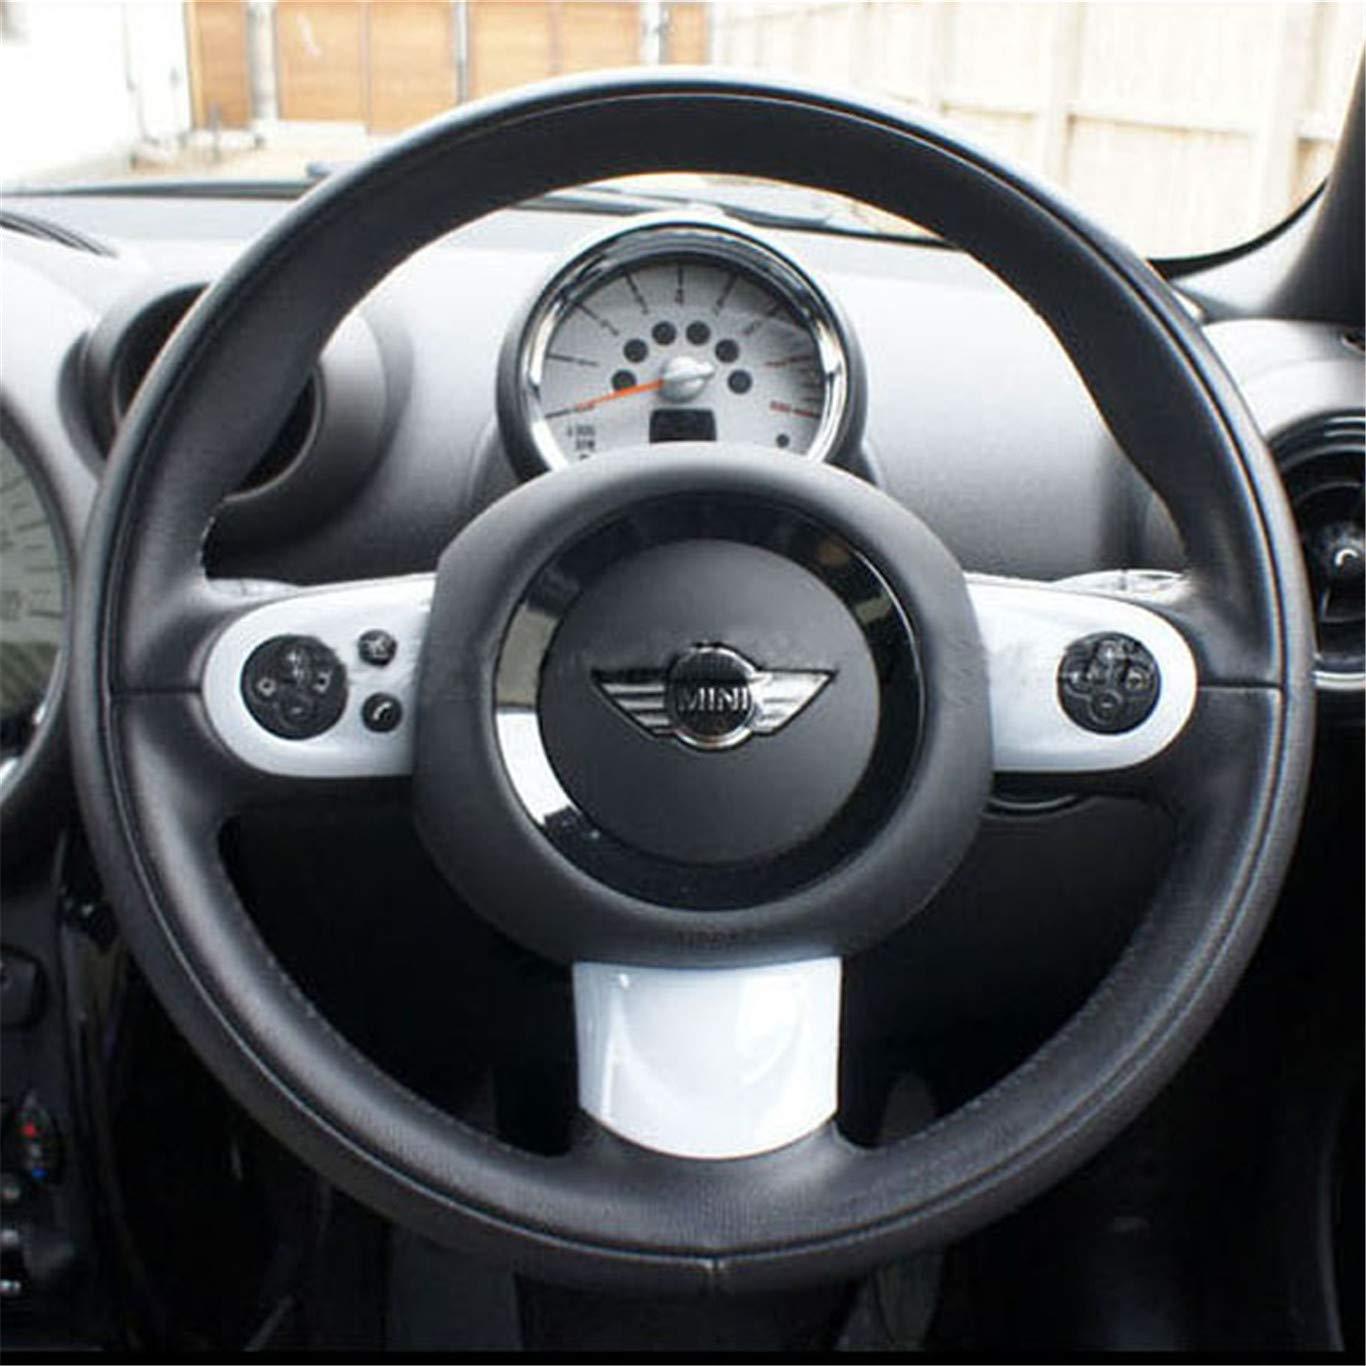 HDX Copertura per cruscotto del Volante in ABS per Mini Cooper R55 Clubman R56 Hatchback R57 Covertible R58 Coupe R59 Roadster R60 Countryman R61 Paceman